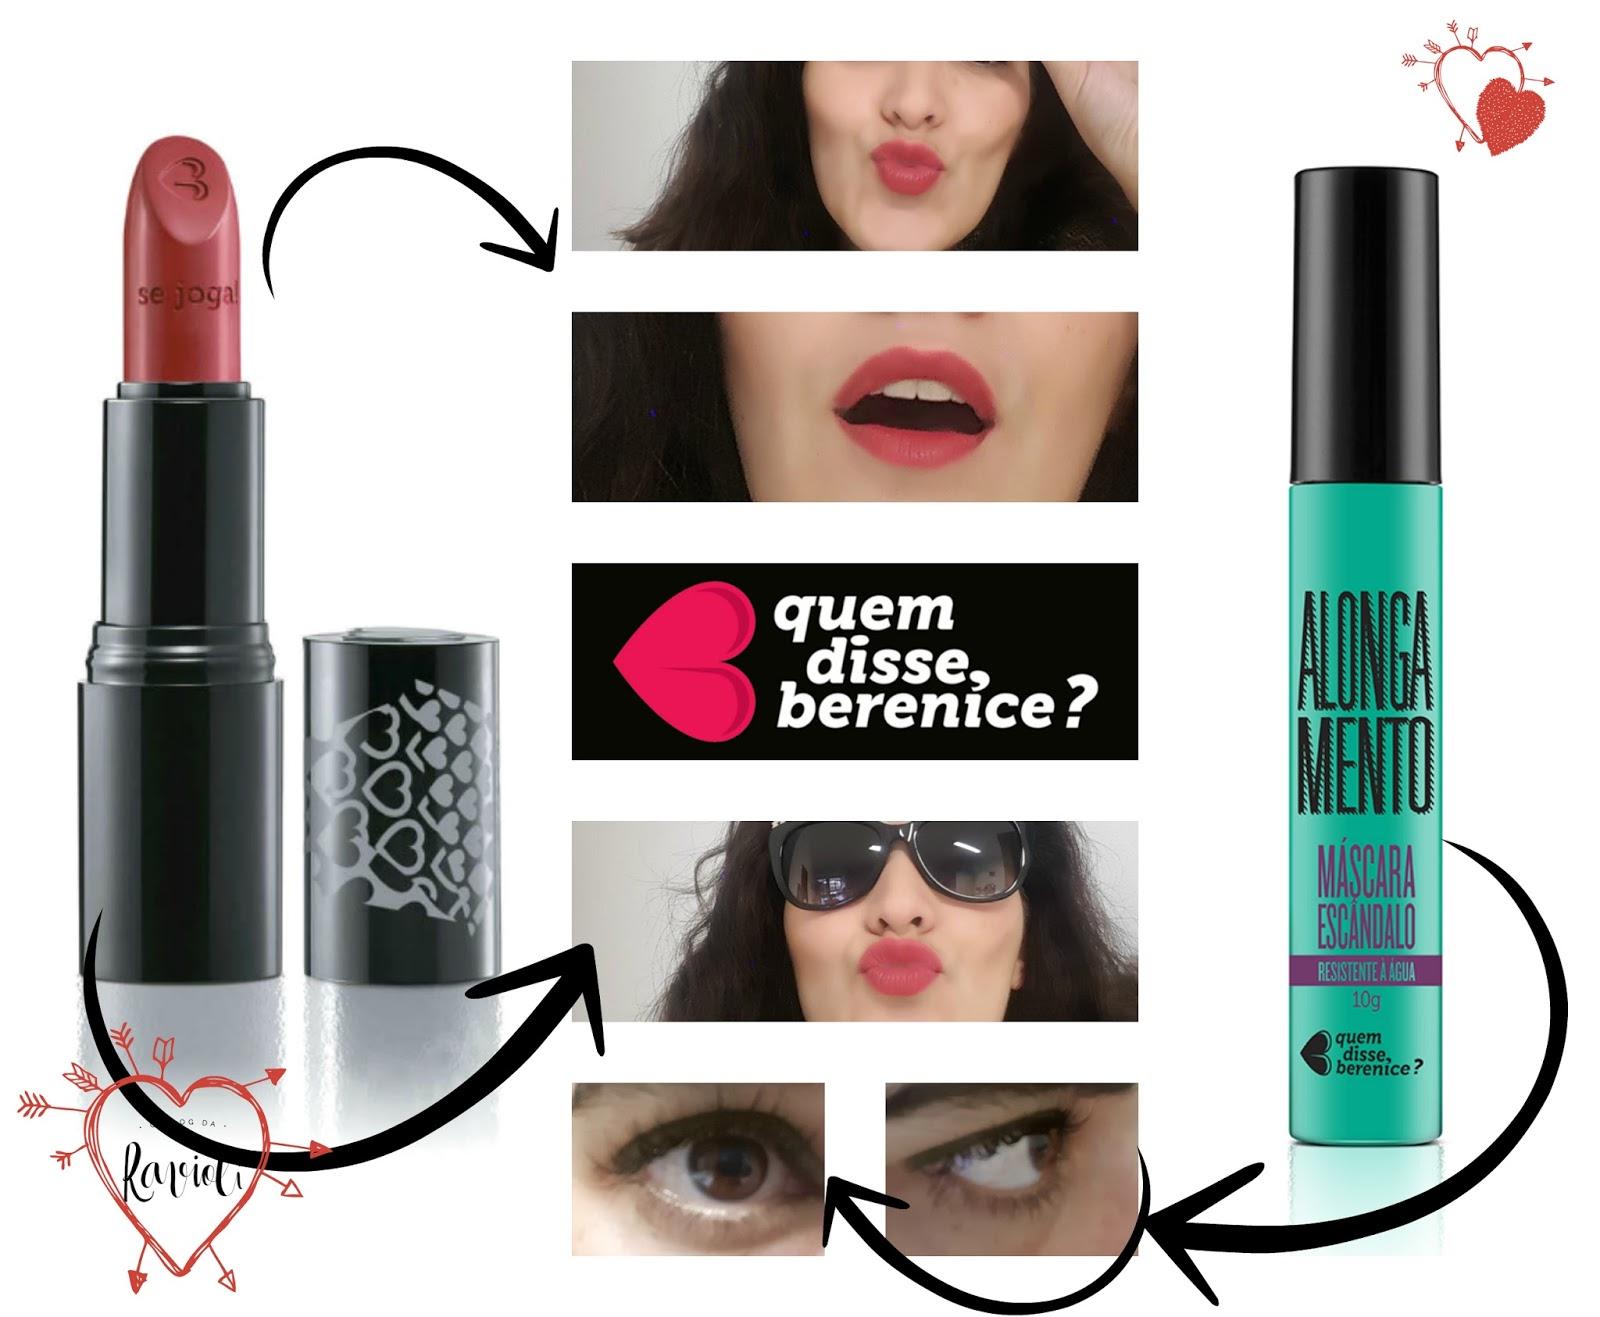 A Ravioli: Quem disse Berenice? - Makeup review